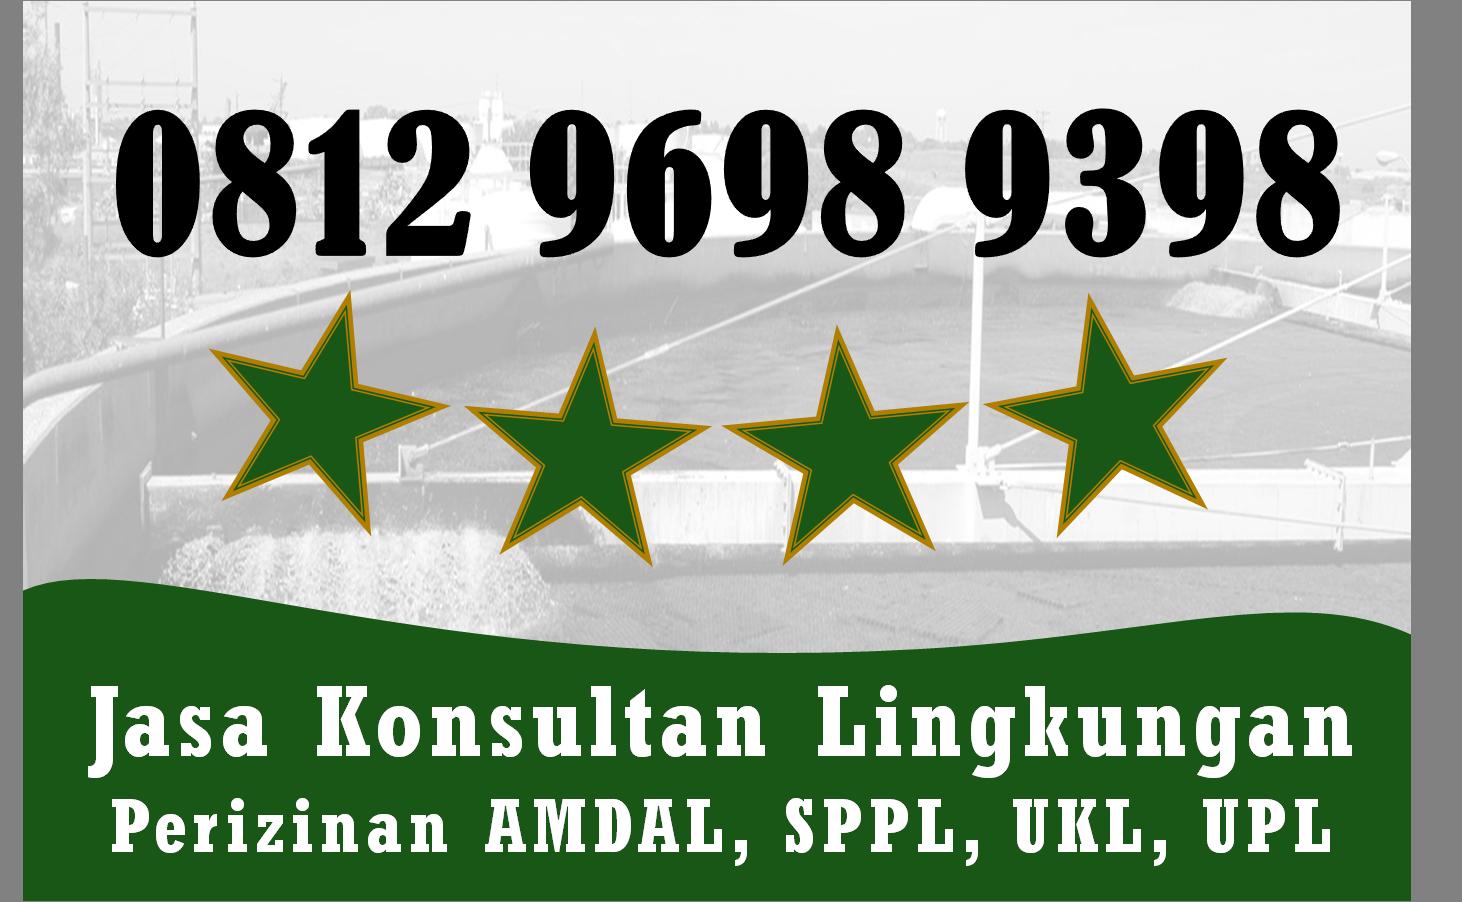 Telpon Kami Telp Wa 0812 9698 9398 Konsultan Lingkungan Adalah Kab Tegal Jawa Tengah Kota Bukittinggi Kendaraan Kota Perjalanan Kota